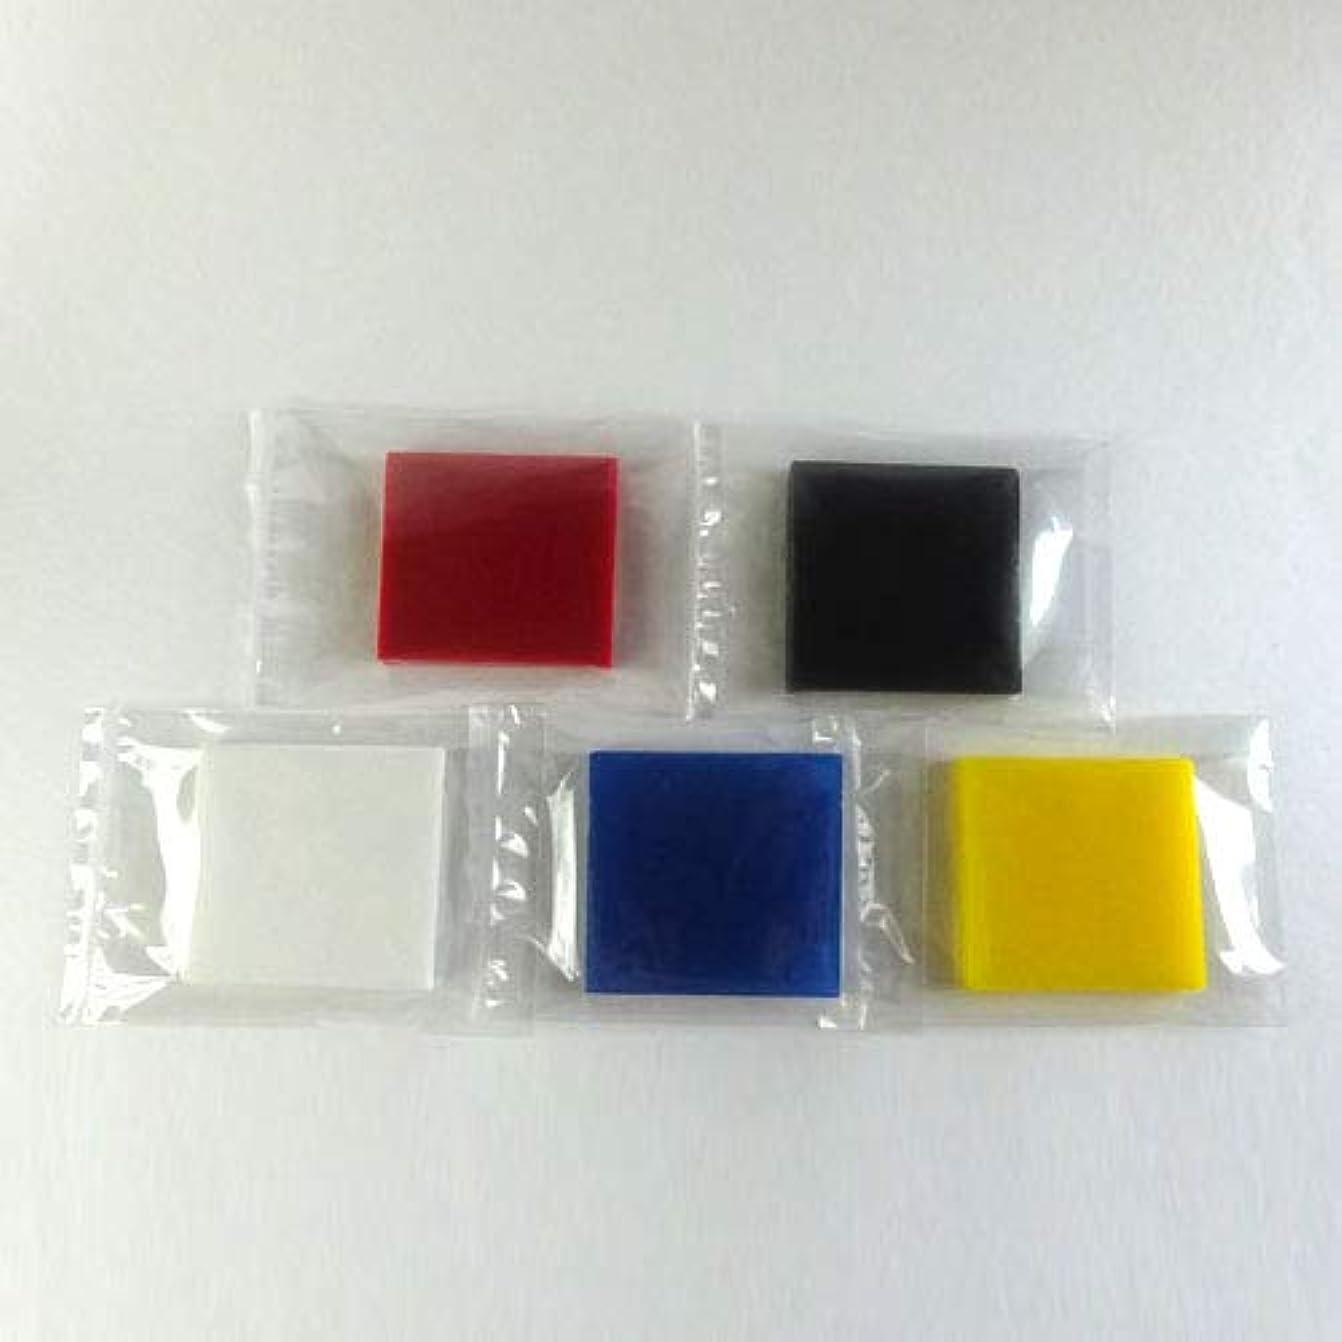 広範囲に予見する誠実グリセリンソープ MPソープ 色チップ 5色(赤?青?黄?白?黒) 各60g(30g x 2pc)